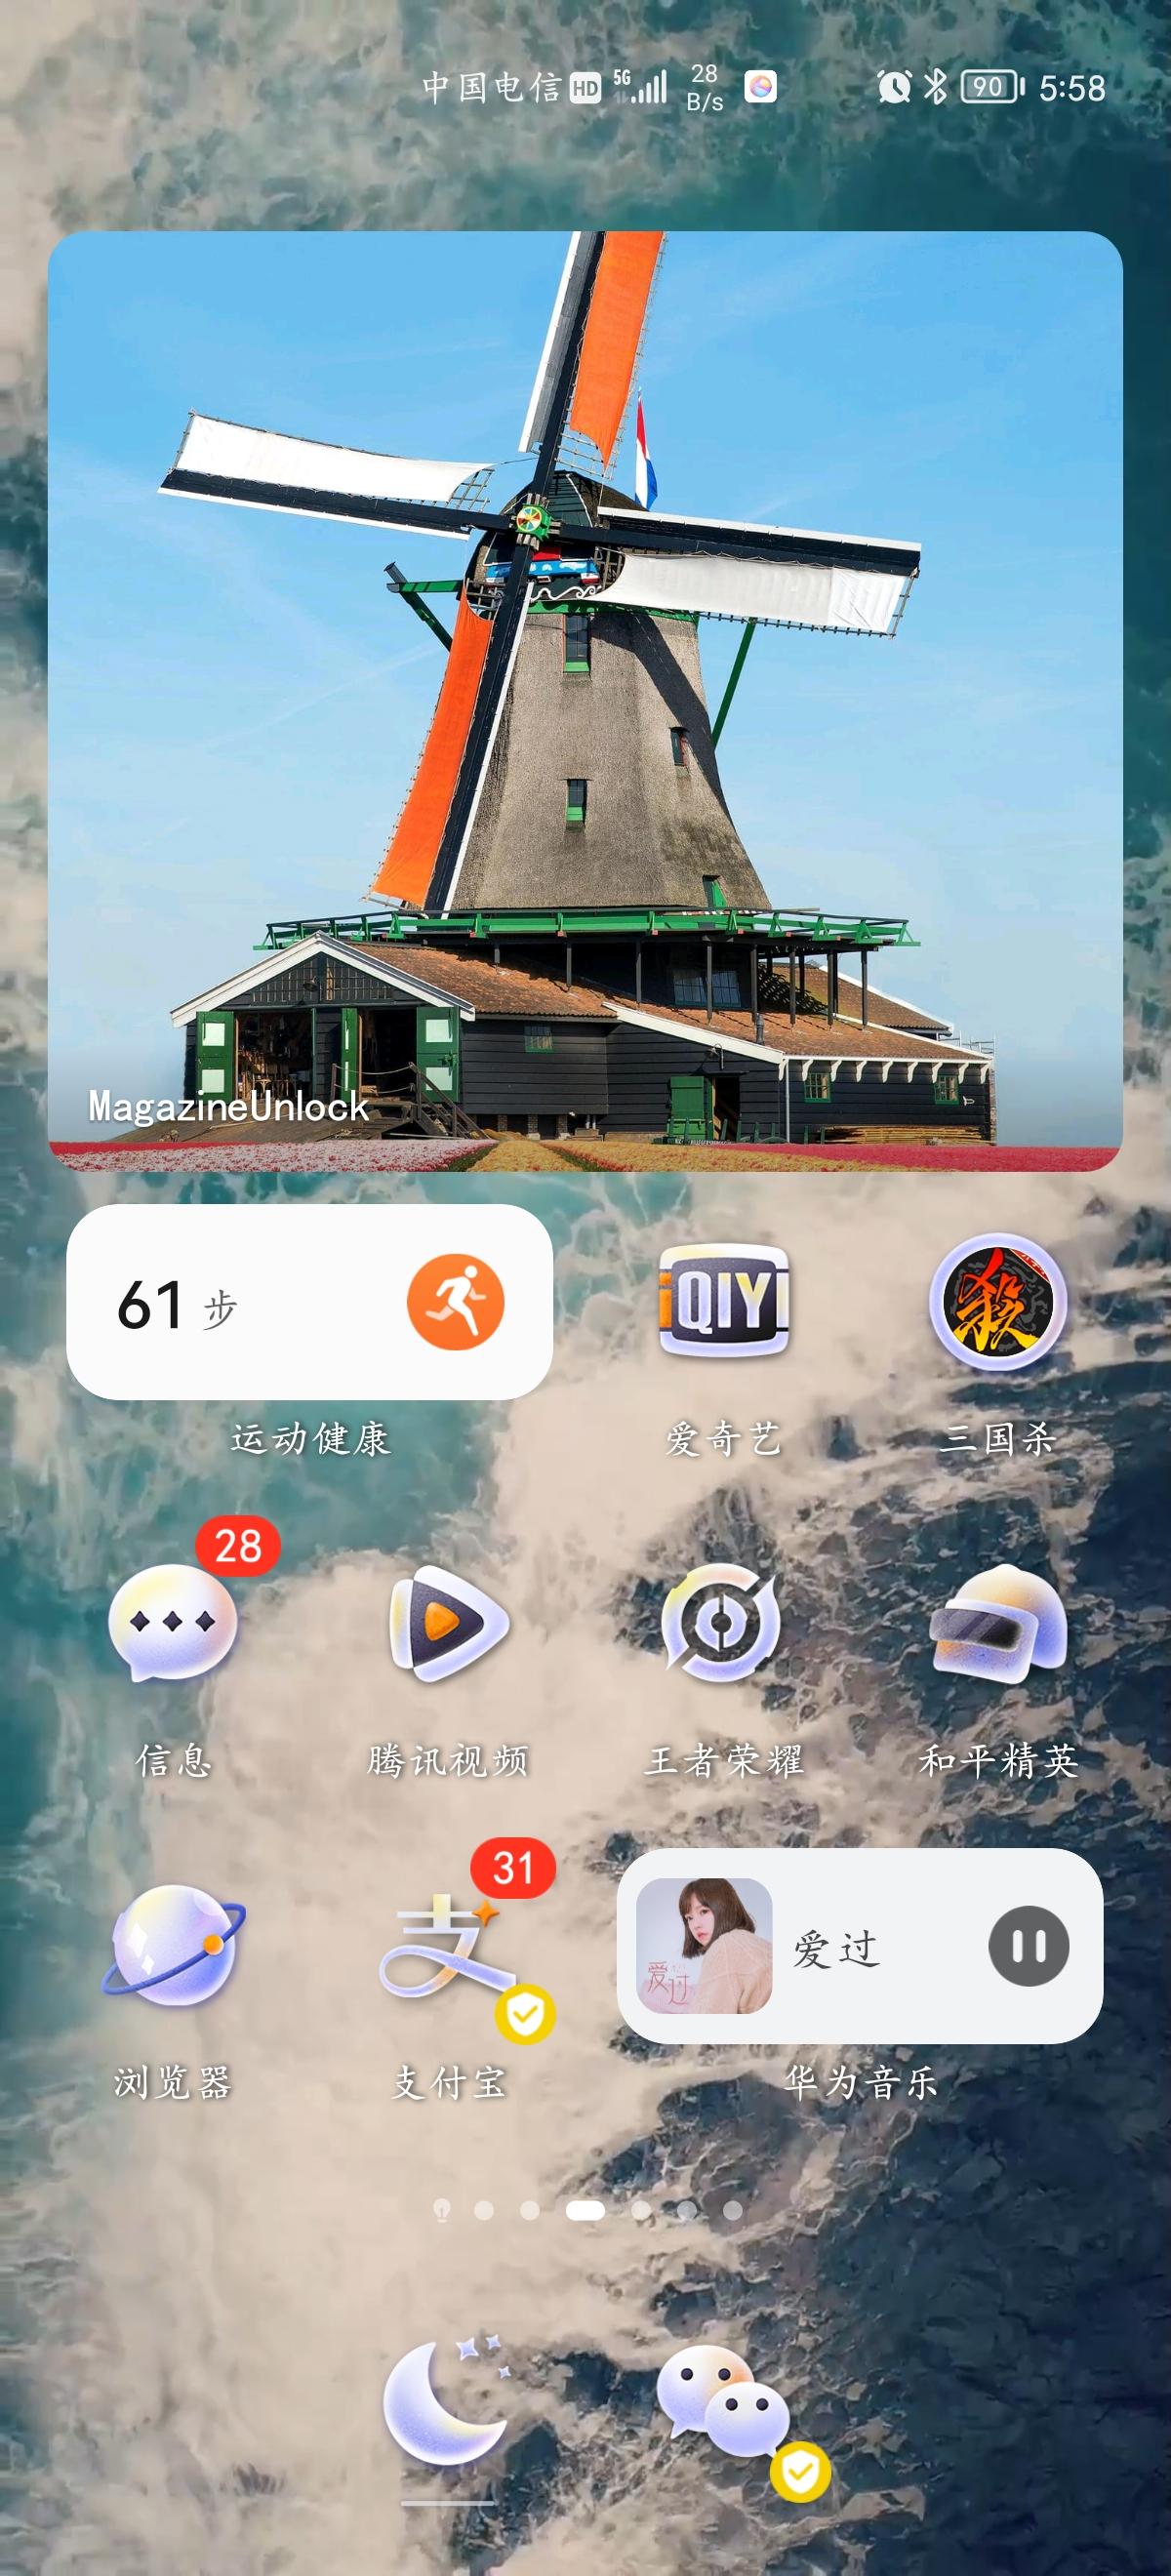 Screenshot_20210921_055819_com.huawei.android.launcher.jpg